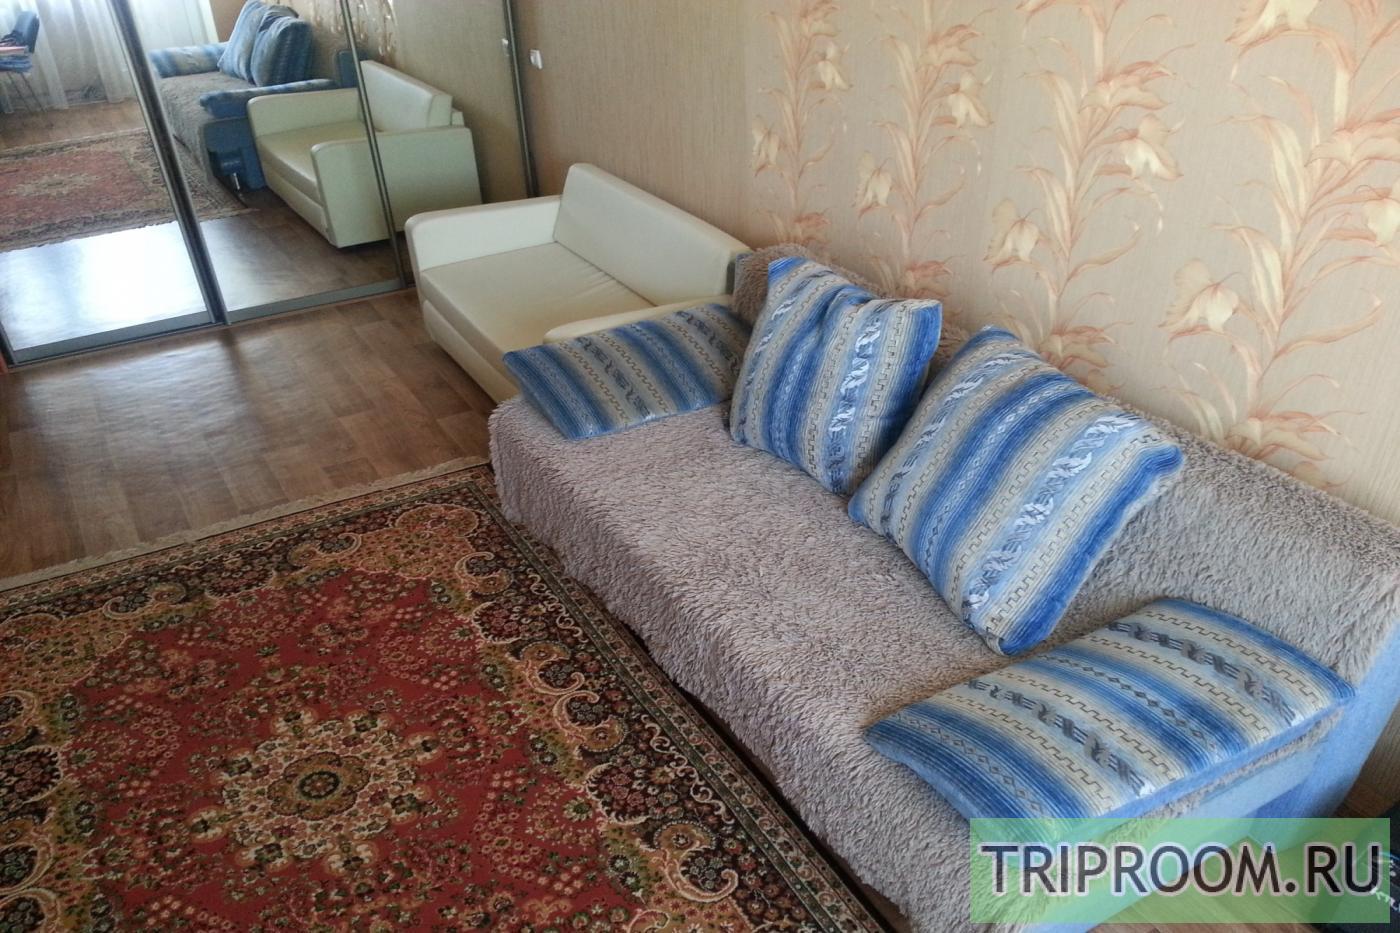 1-комнатная квартира посуточно (вариант № 23343), ул. Героев аллея, фото № 3